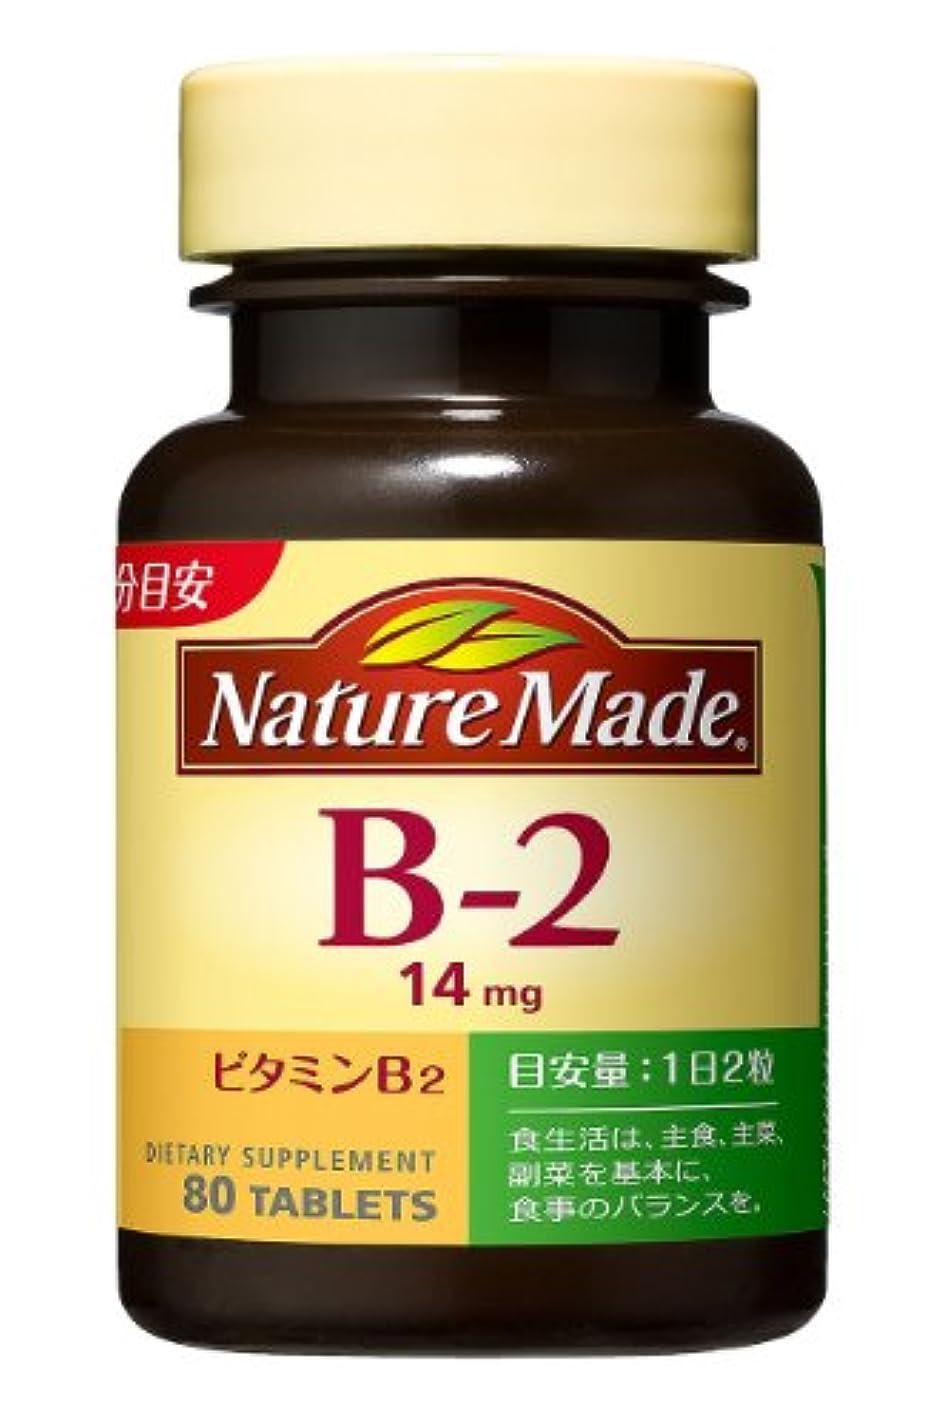 愛されし者アクロバット成功した大塚製薬 ネイチャーメイド ビタミンB-2 80粒